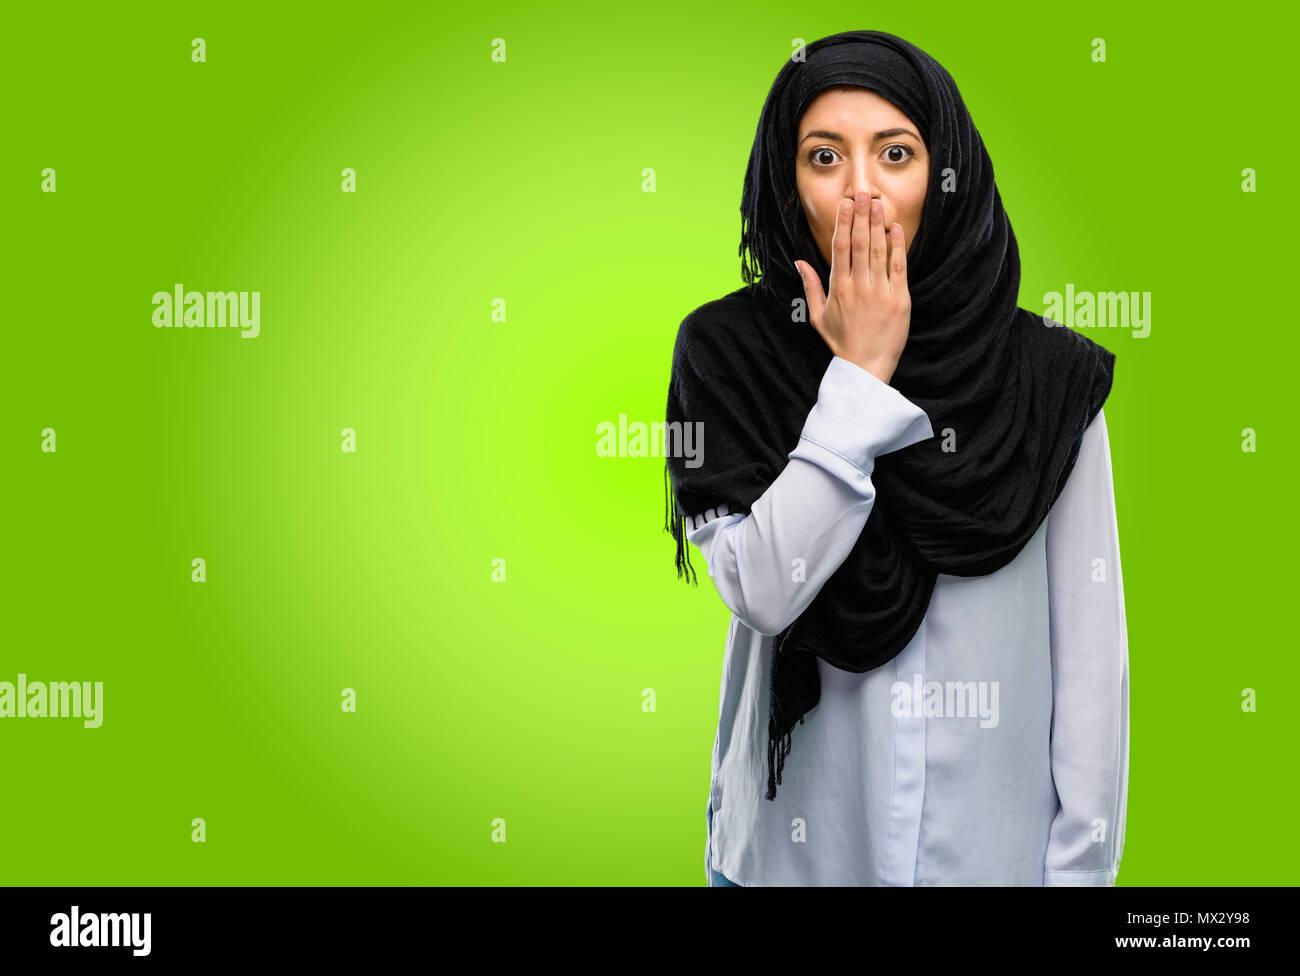 Joven árabe mujer vistiendo el hijab cubre boca en estado de shock, parece tímido, expresando el silencio y confundir los conceptos, asustada Foto de stock